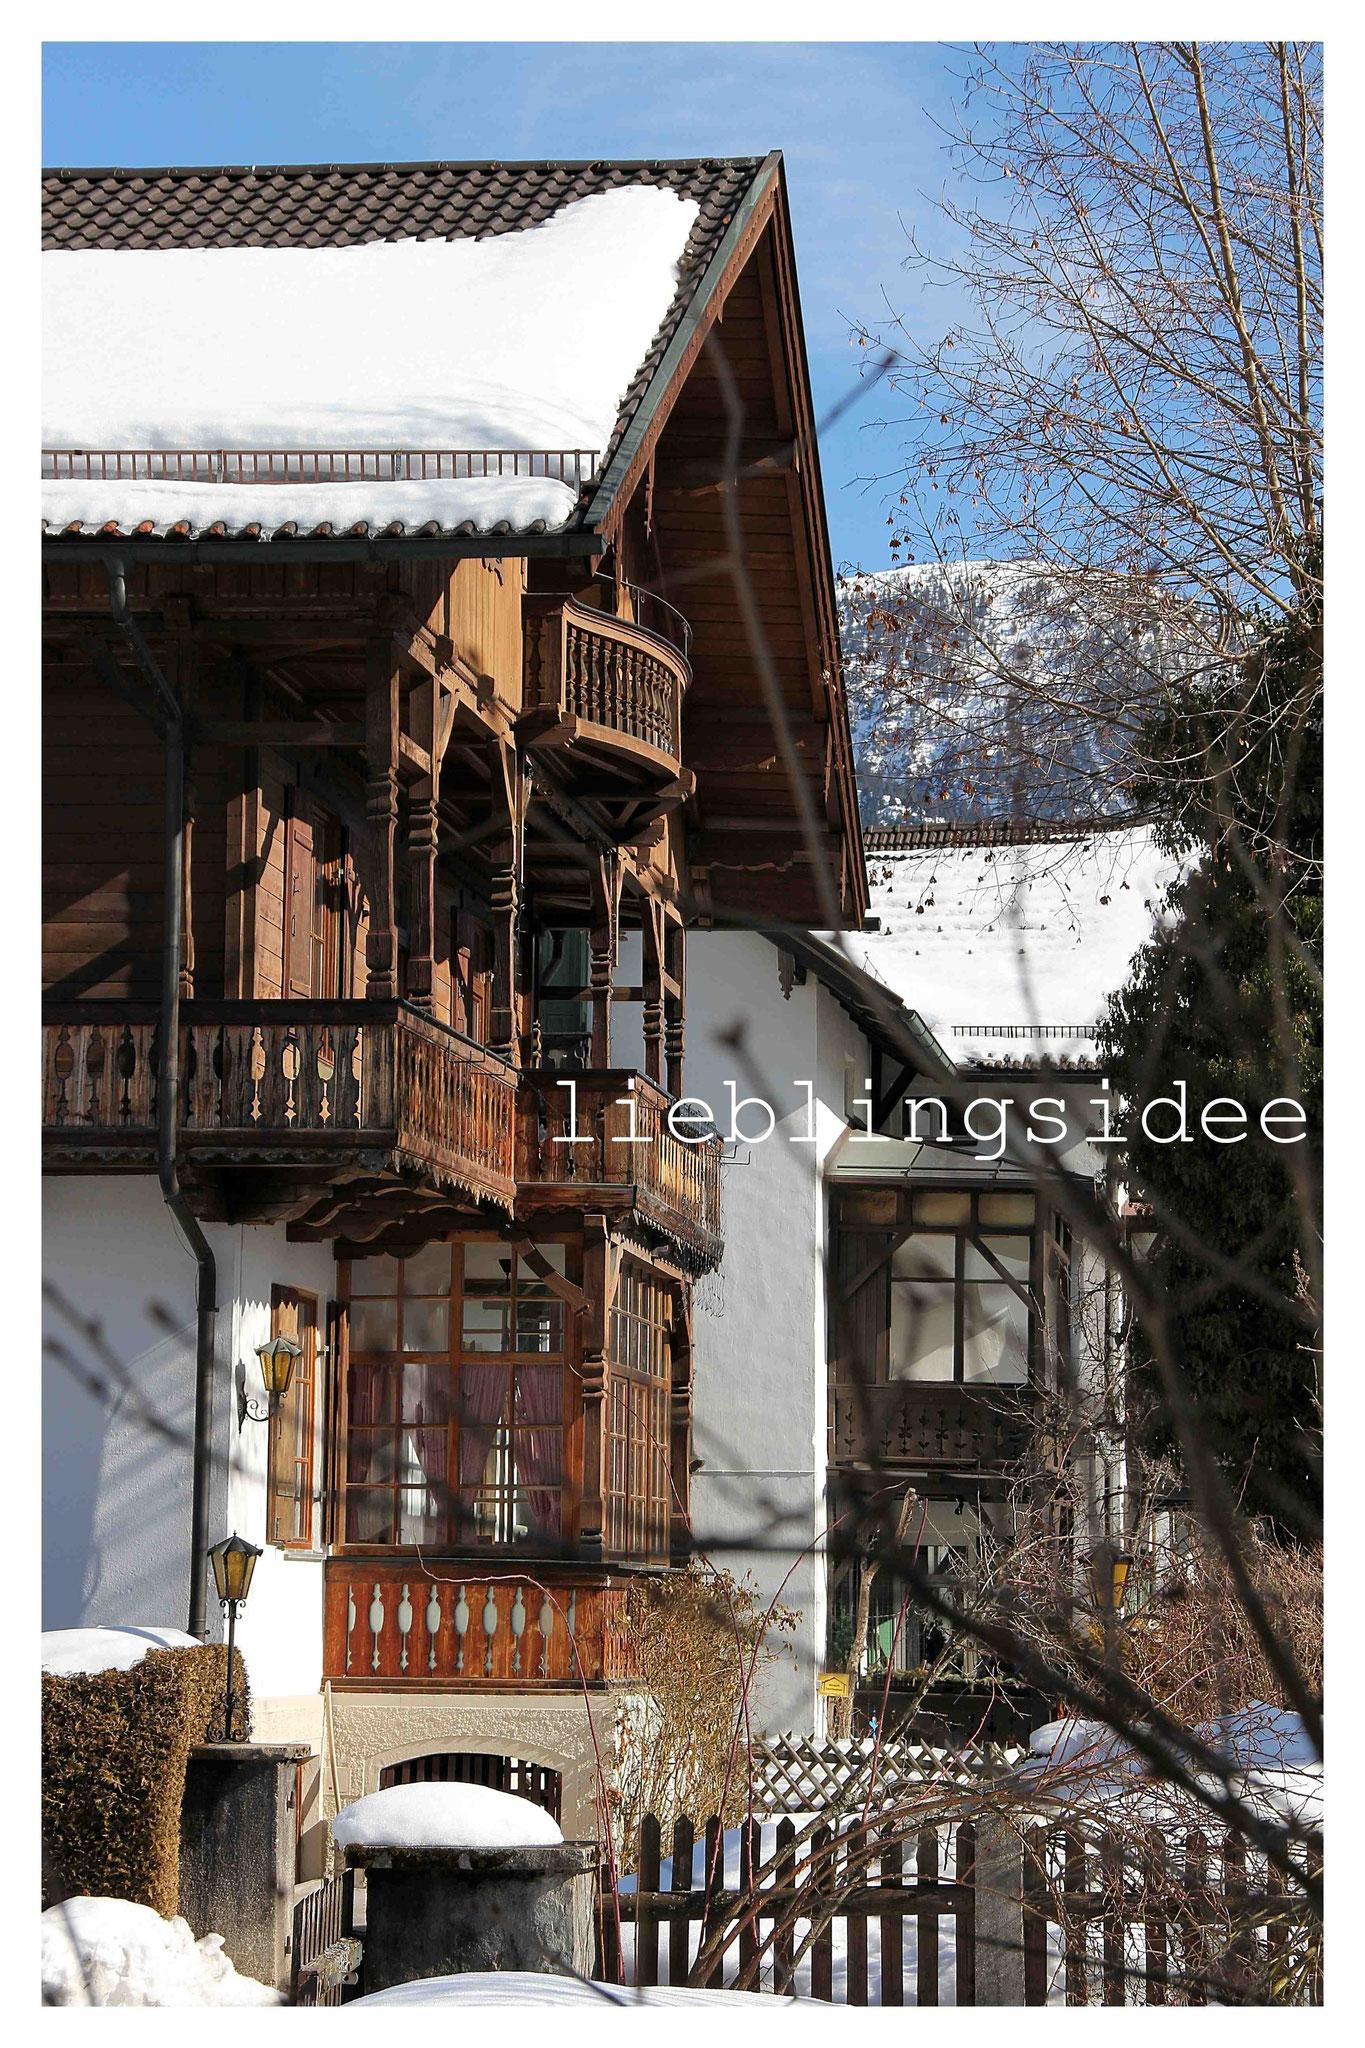 Lieblingsidee - Ausflugstipps für Garmisch